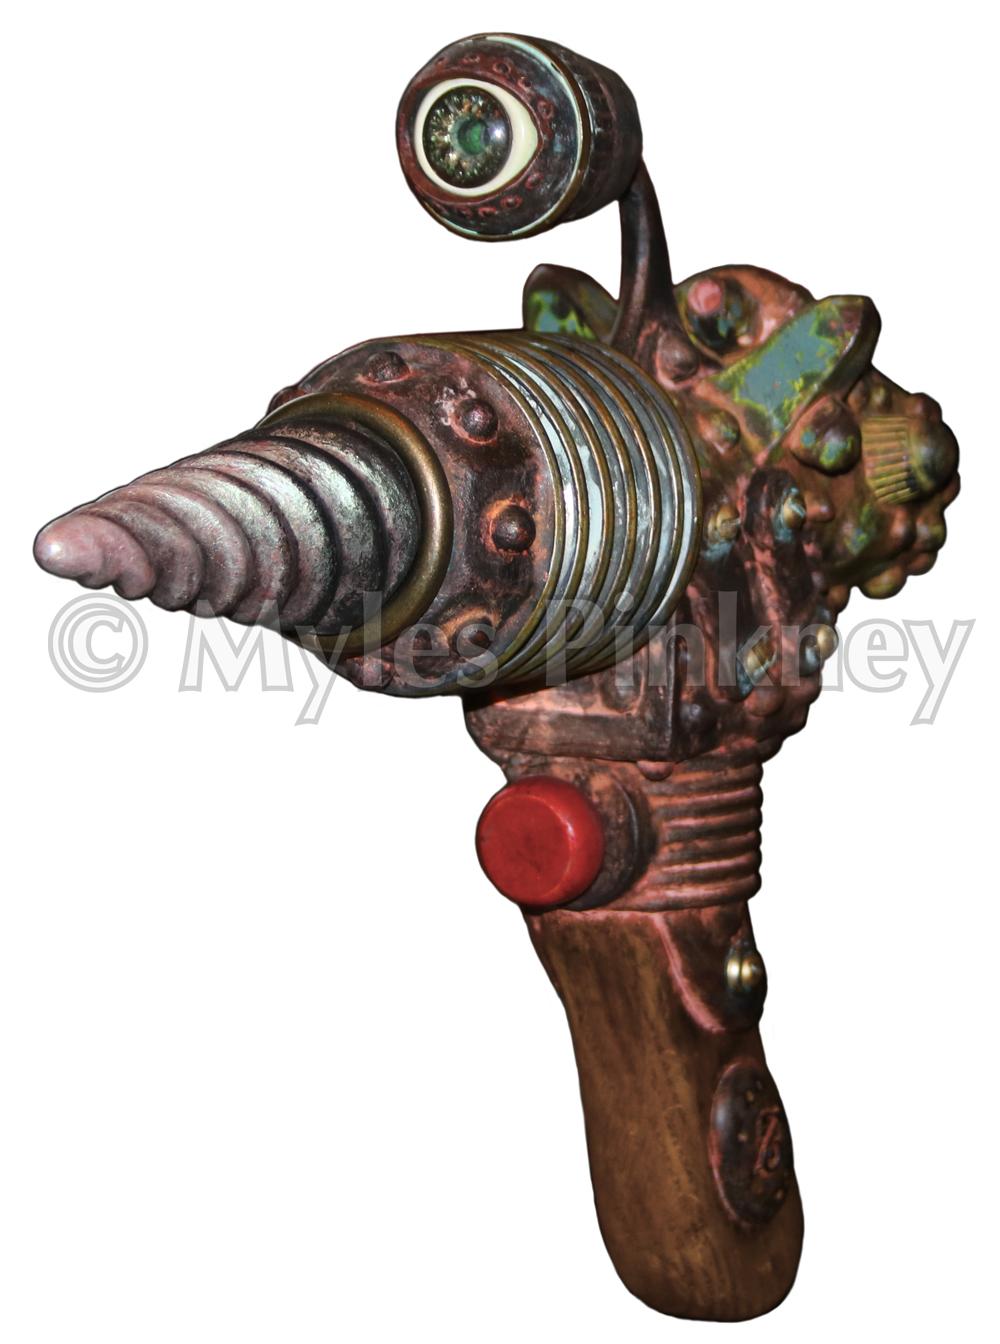 The PHelix Handpiece